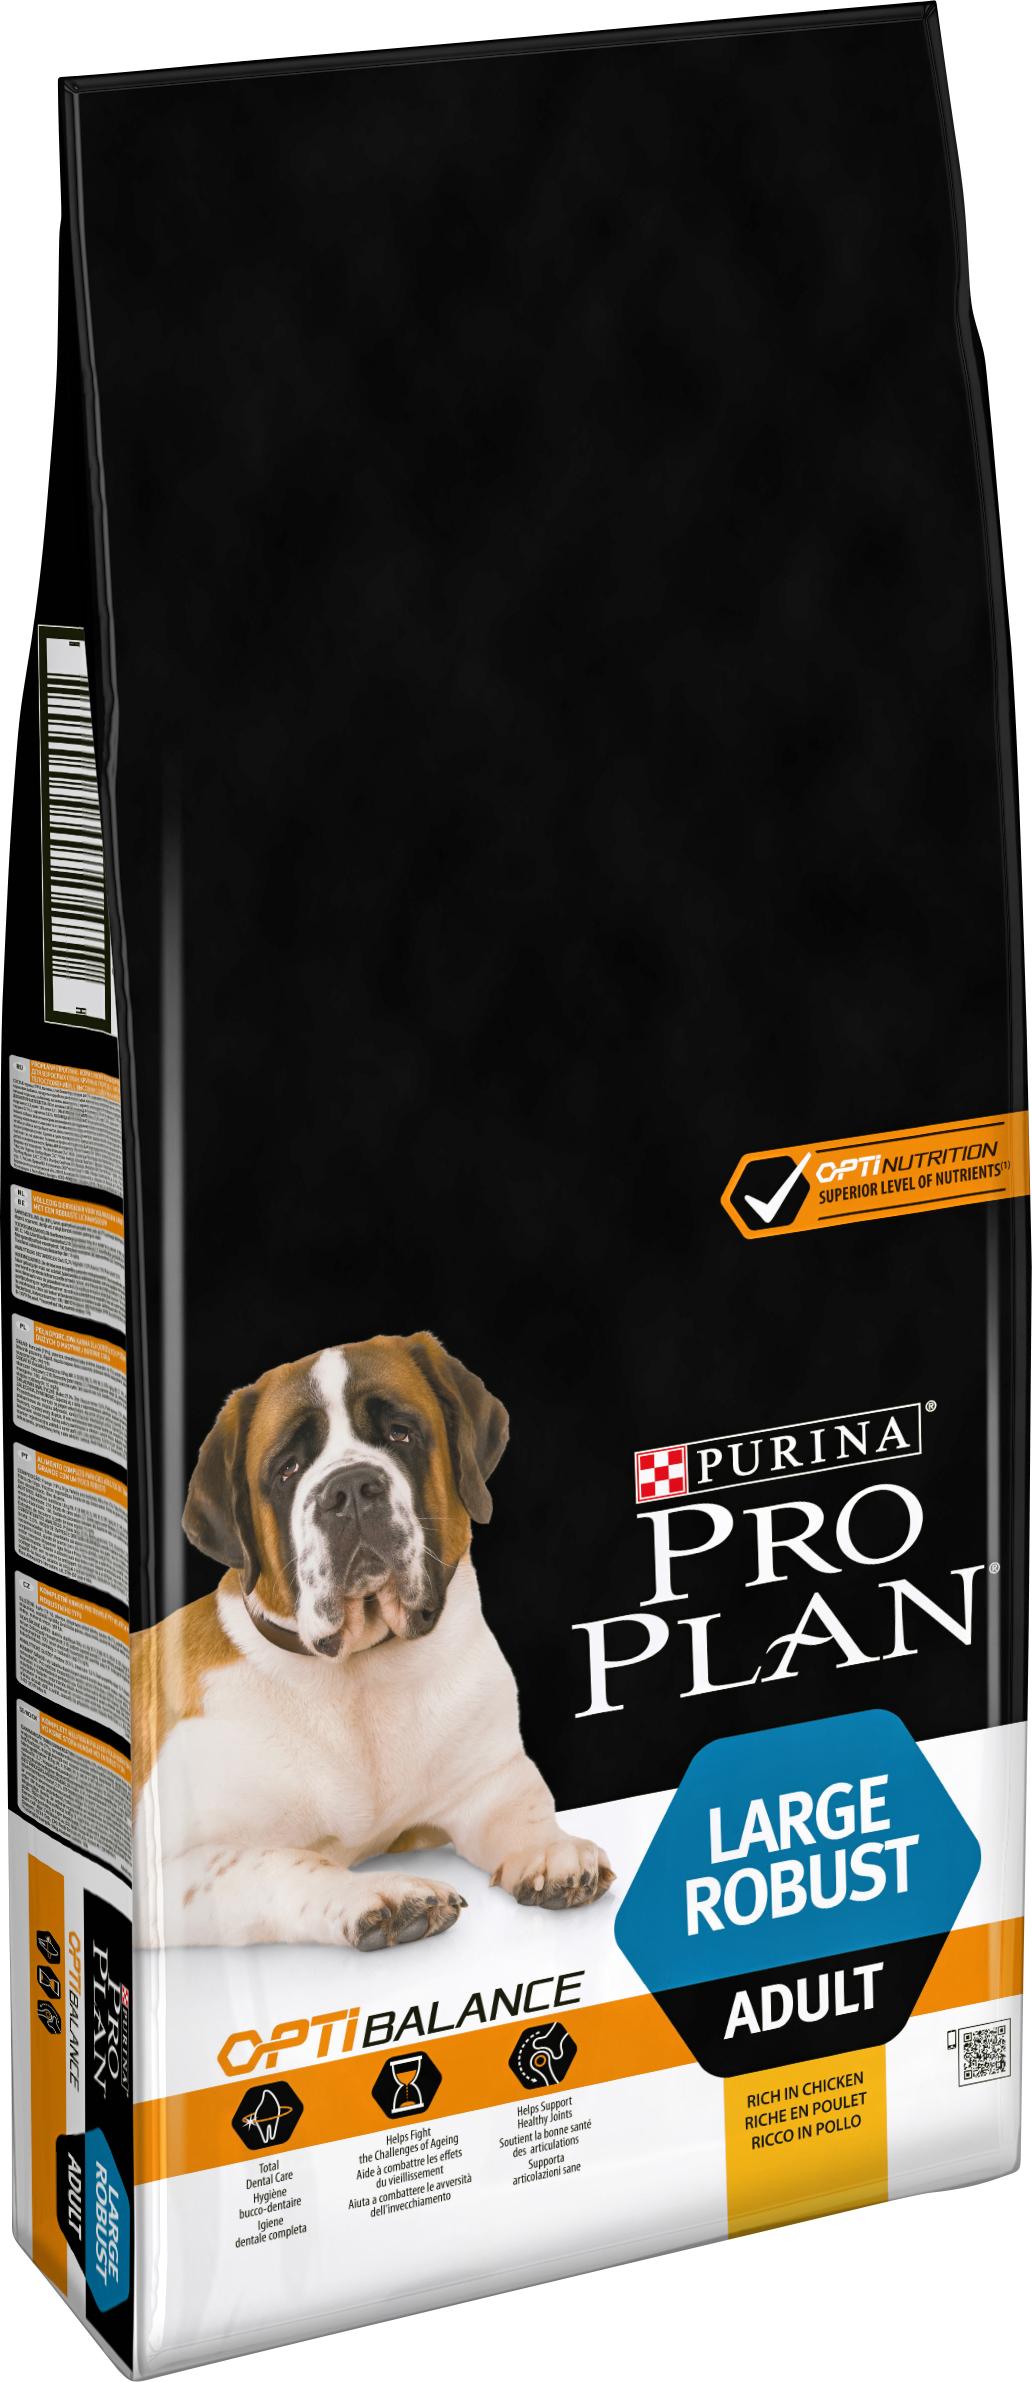 Hundfoder Pro Plan Large Adult Robust, 14 kg